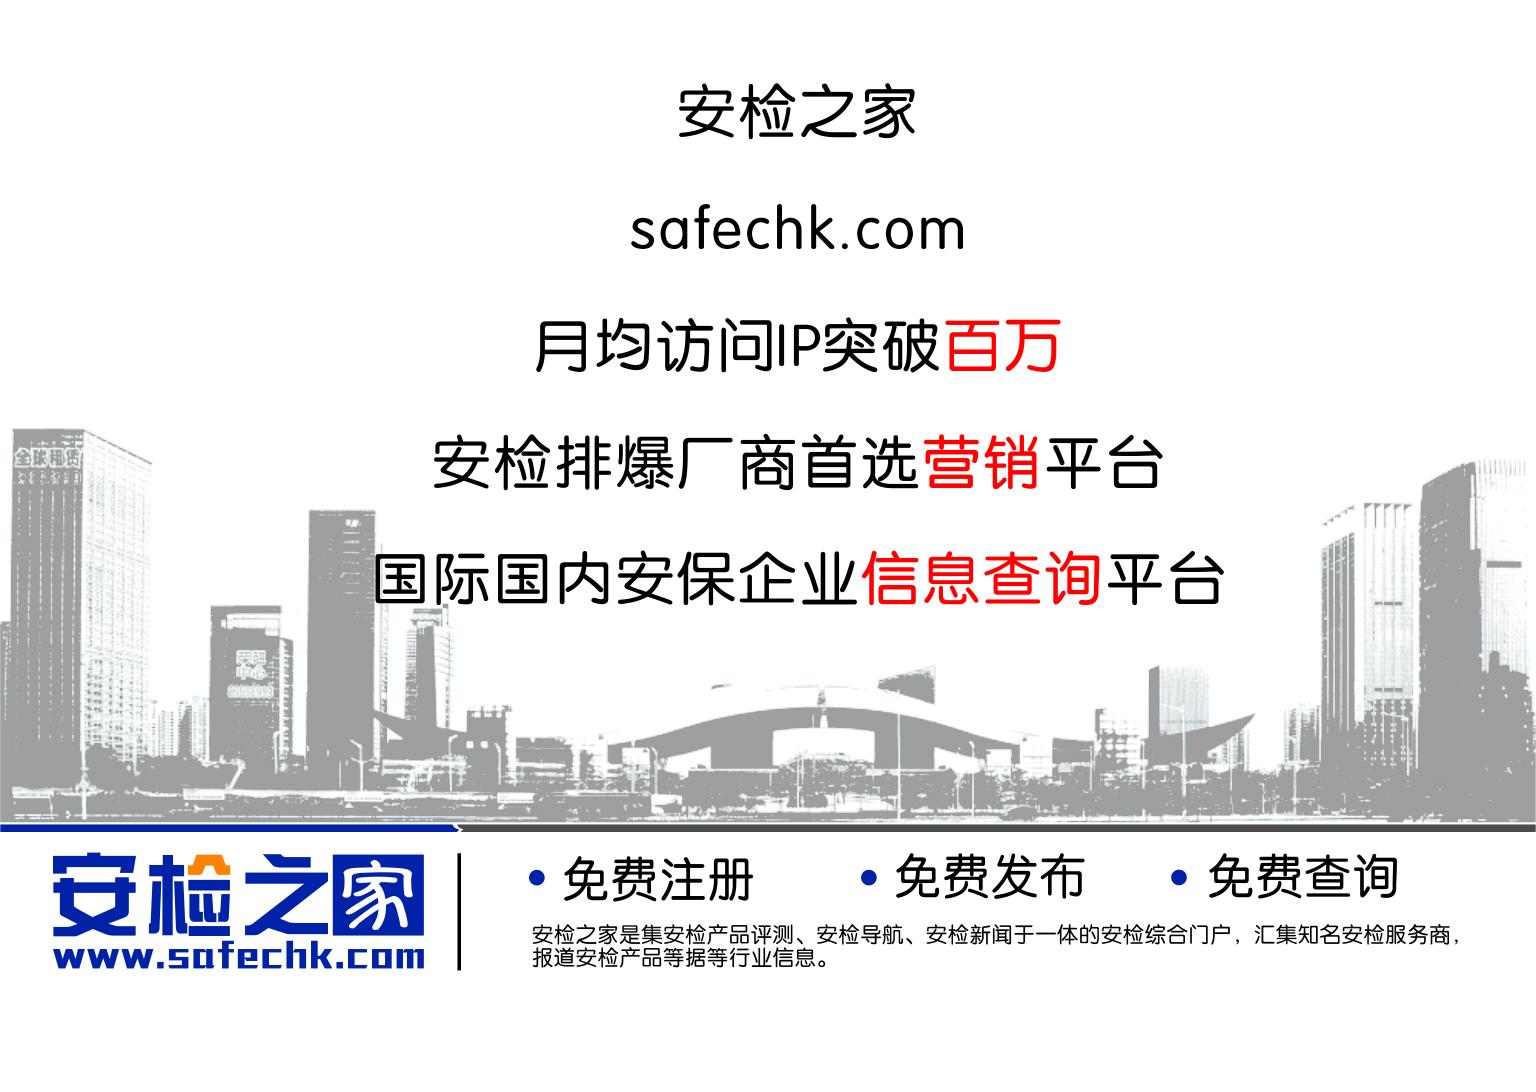 <a href=http://www.safechk.com target=_blank class=infotextkey>安检</a>之家彩色广告130190-2.jpg